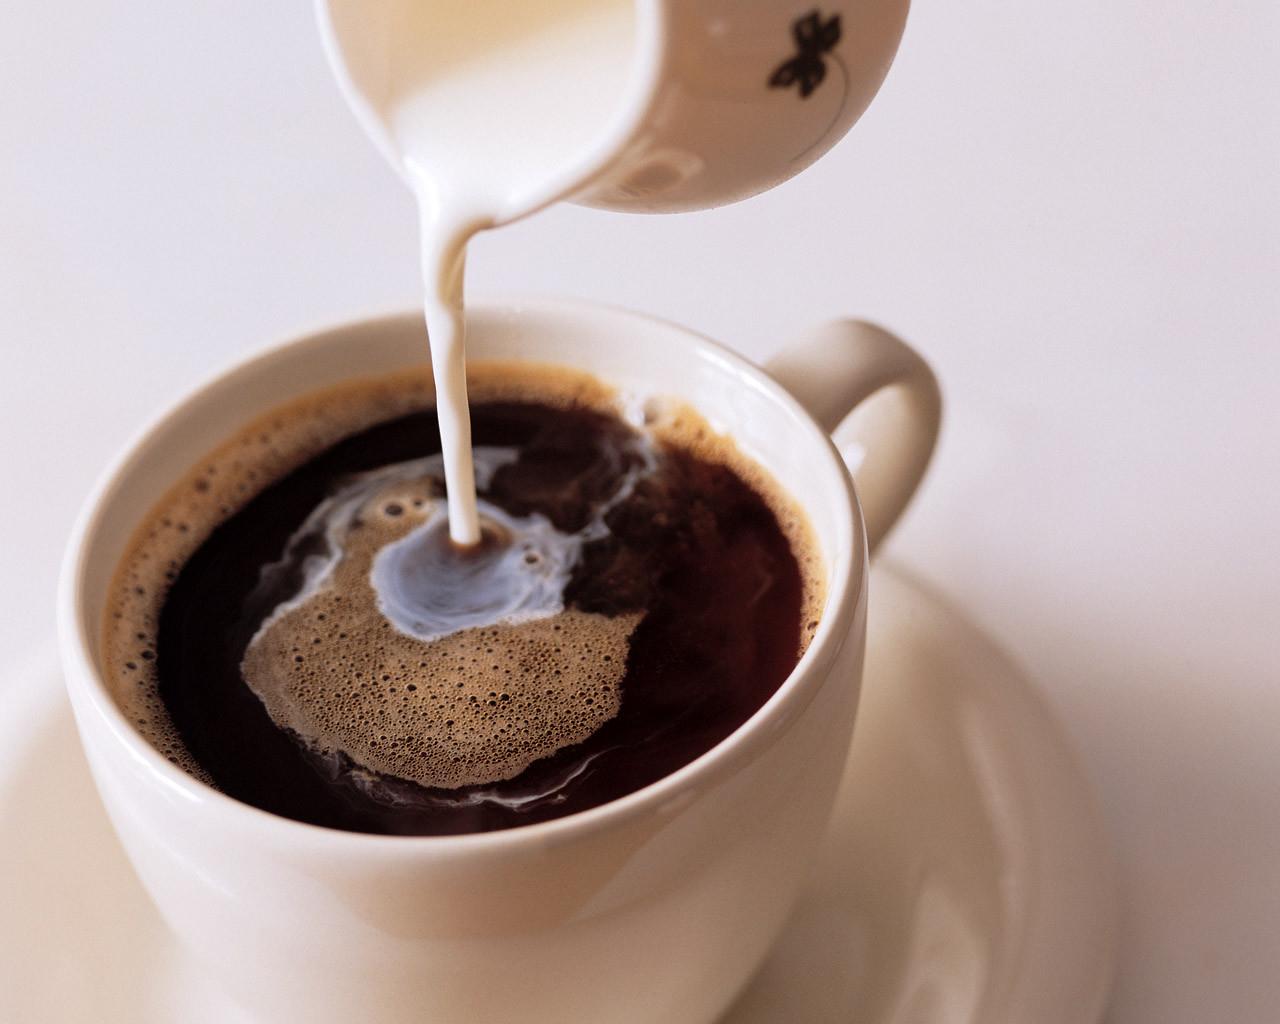 Рецепт Капучино, сертифицированный Капучино, Рецепт Эспрессо, кофе Эспрессо, кофе дома, рецепт американо, рецепт латте, рецепт капучино, рецепты кофе, кофе, кофейные зерна, кофейное дерево, сорта кофе, виды кофе, латте, капучино, эспрессо, макиато, американо, рецепт приготовления кофе, приготовление кофе, варить кофе.